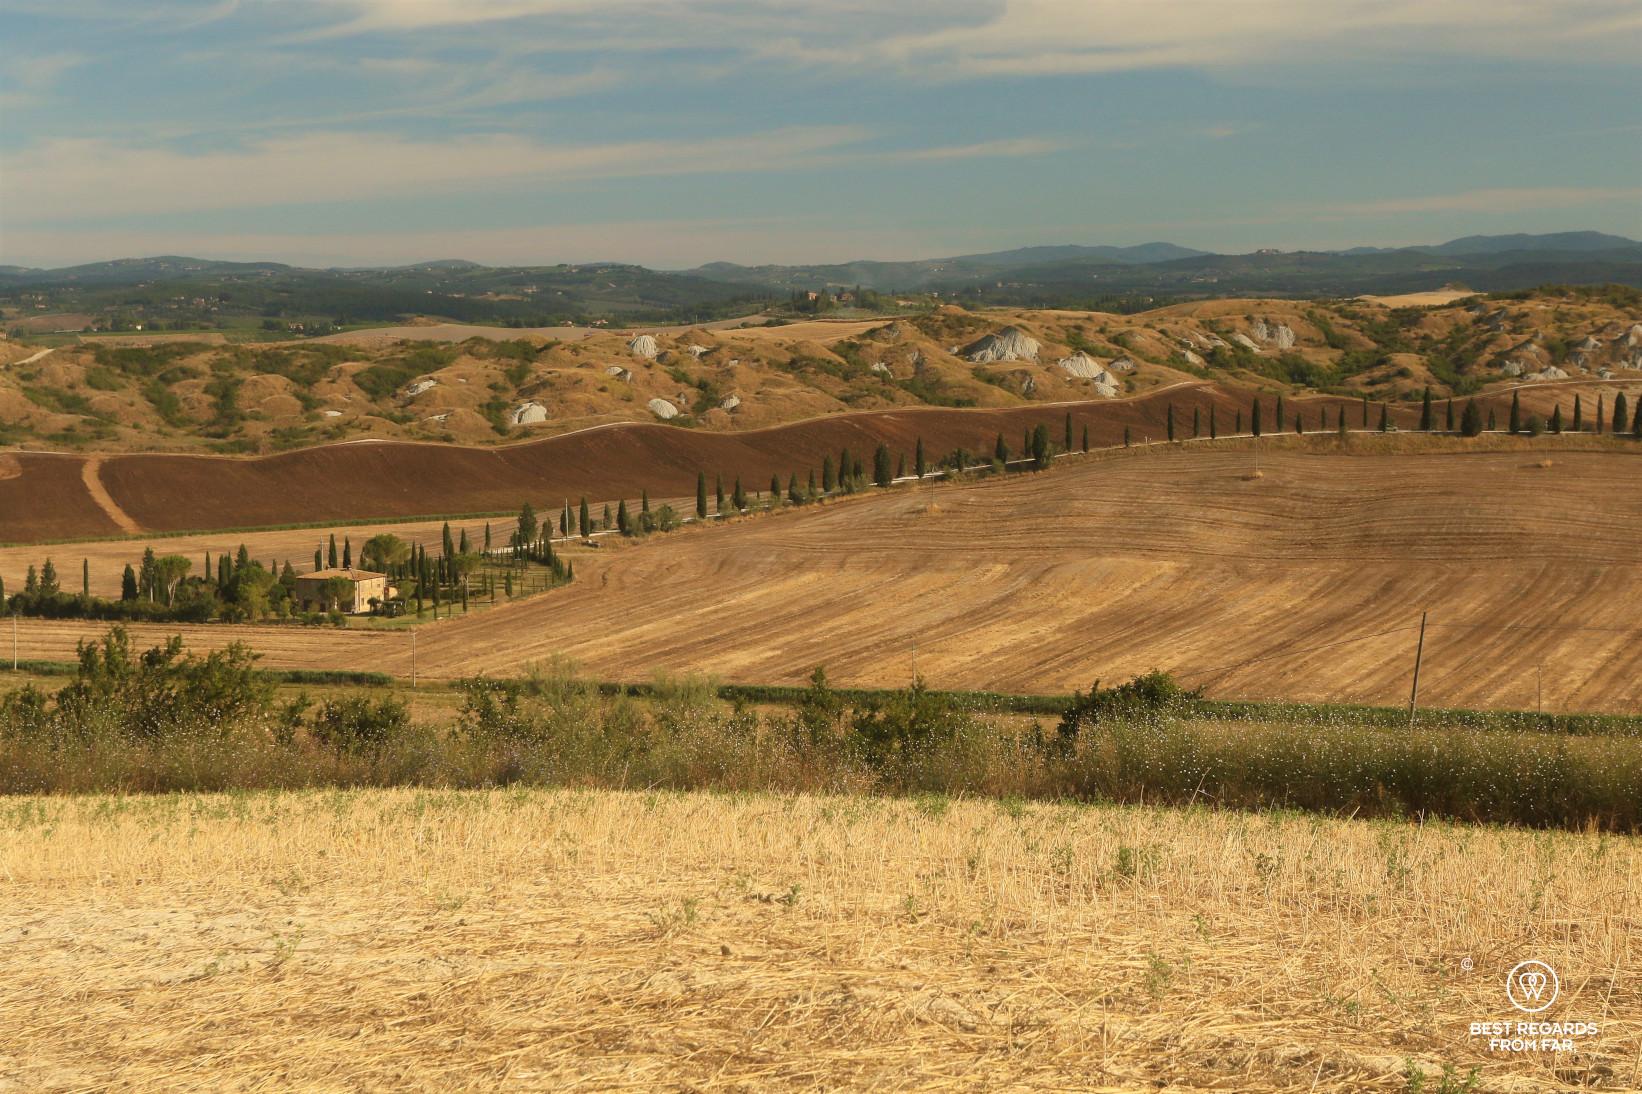 Wheat fields of Tuscany, Italy